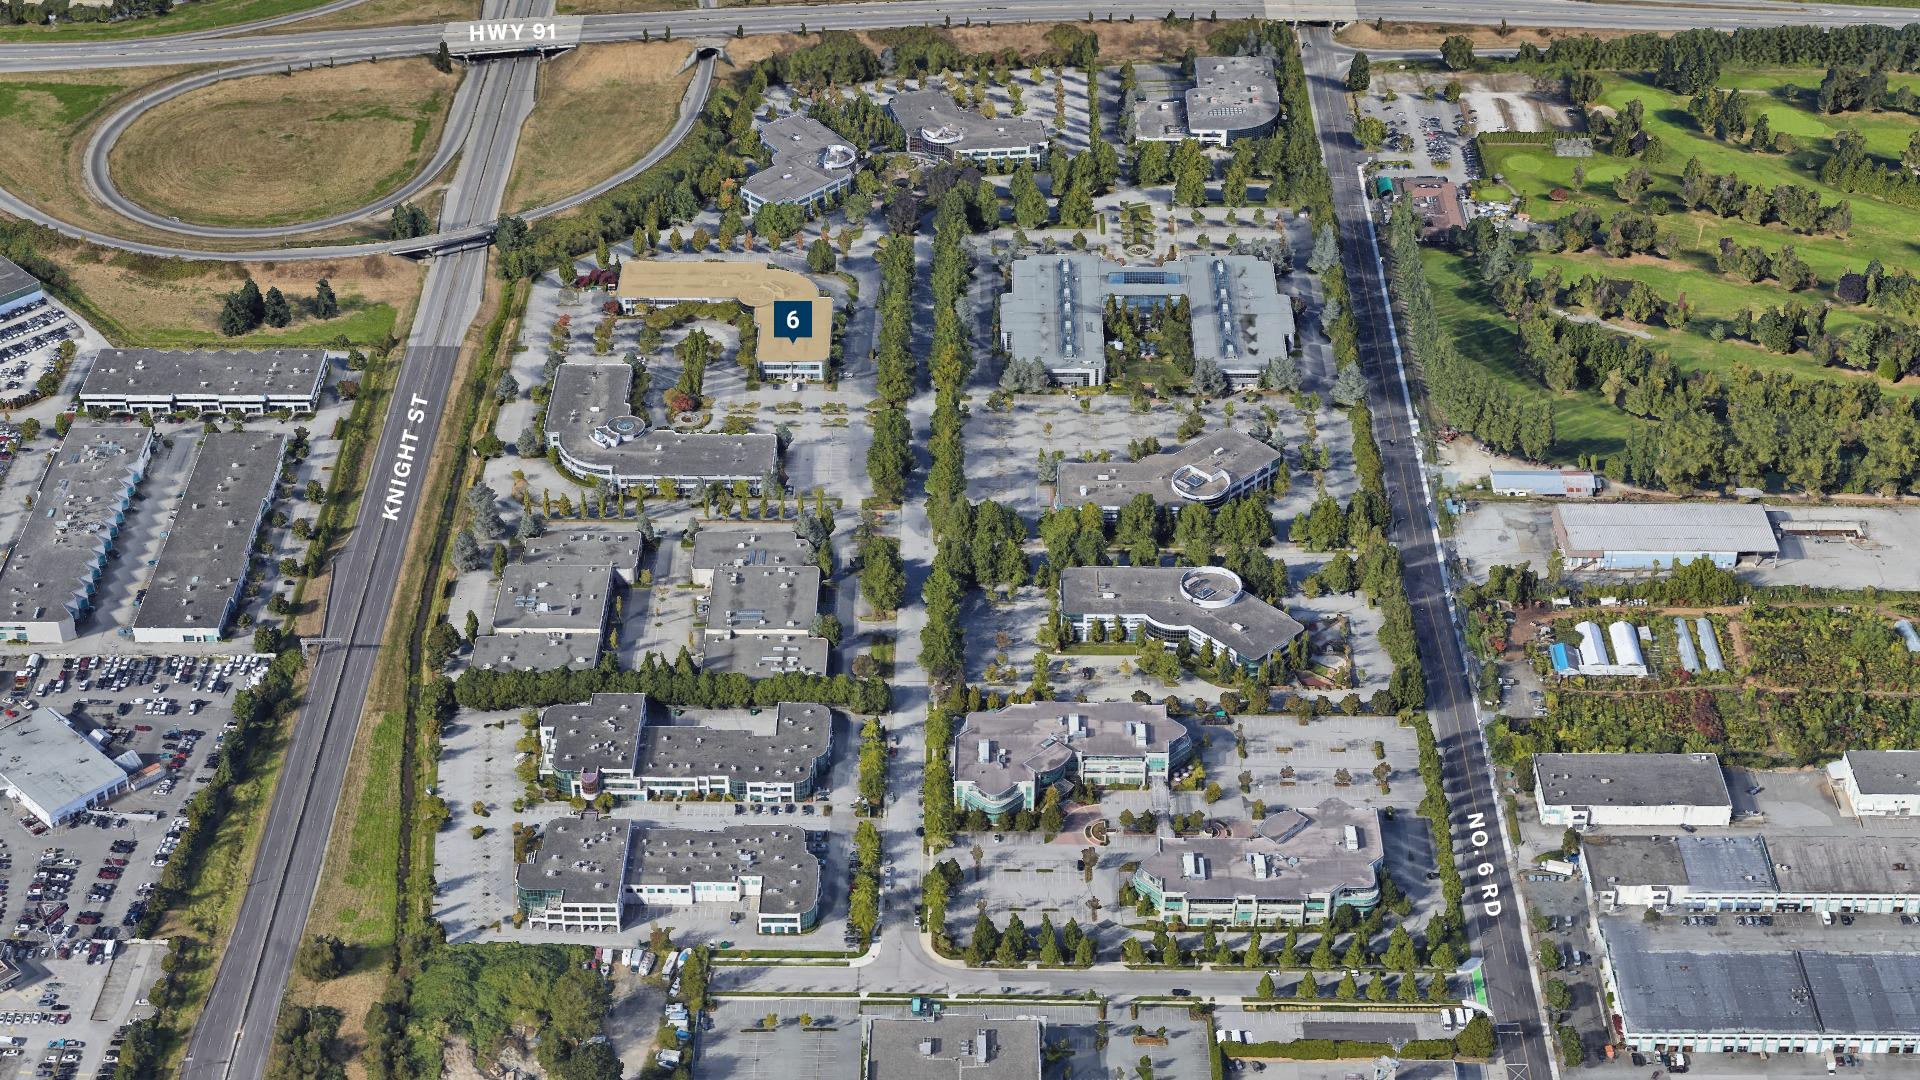 https://i0.wp.com/crestwoodcorporatecentre.com/wp-content/uploads/2020/06/Crestwood-Corporate-Centre-Site-Plan-Building-6.jpg?fit=1920%2C1080&ssl=1